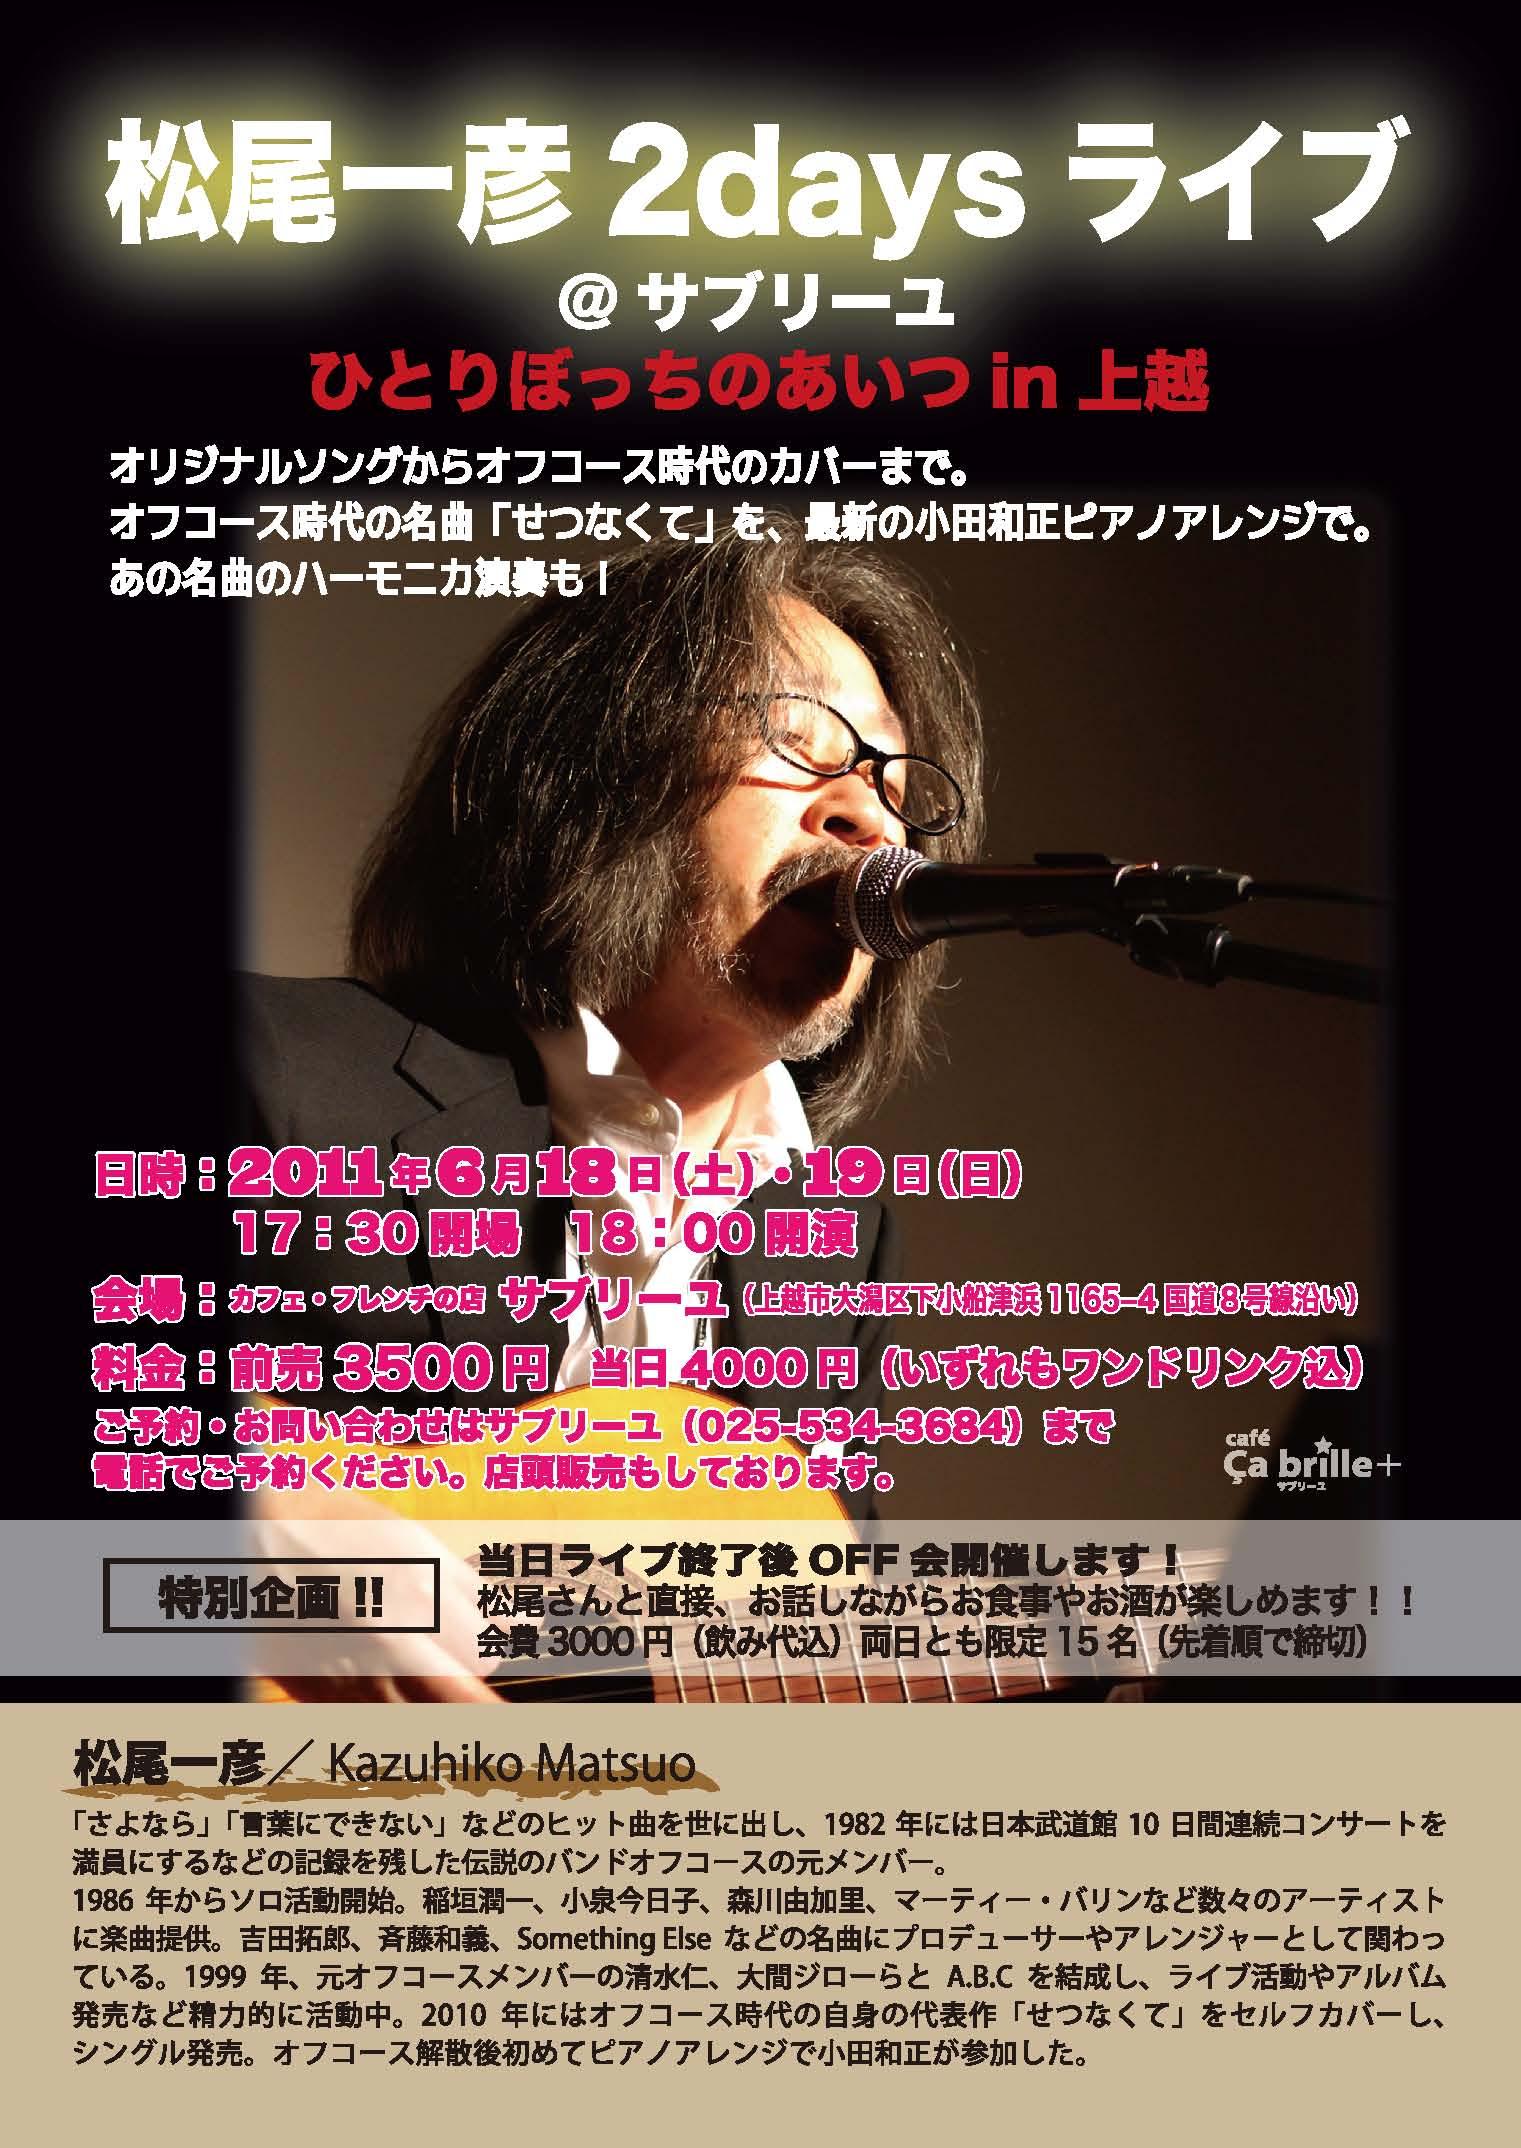 matsuo_fol.jpg